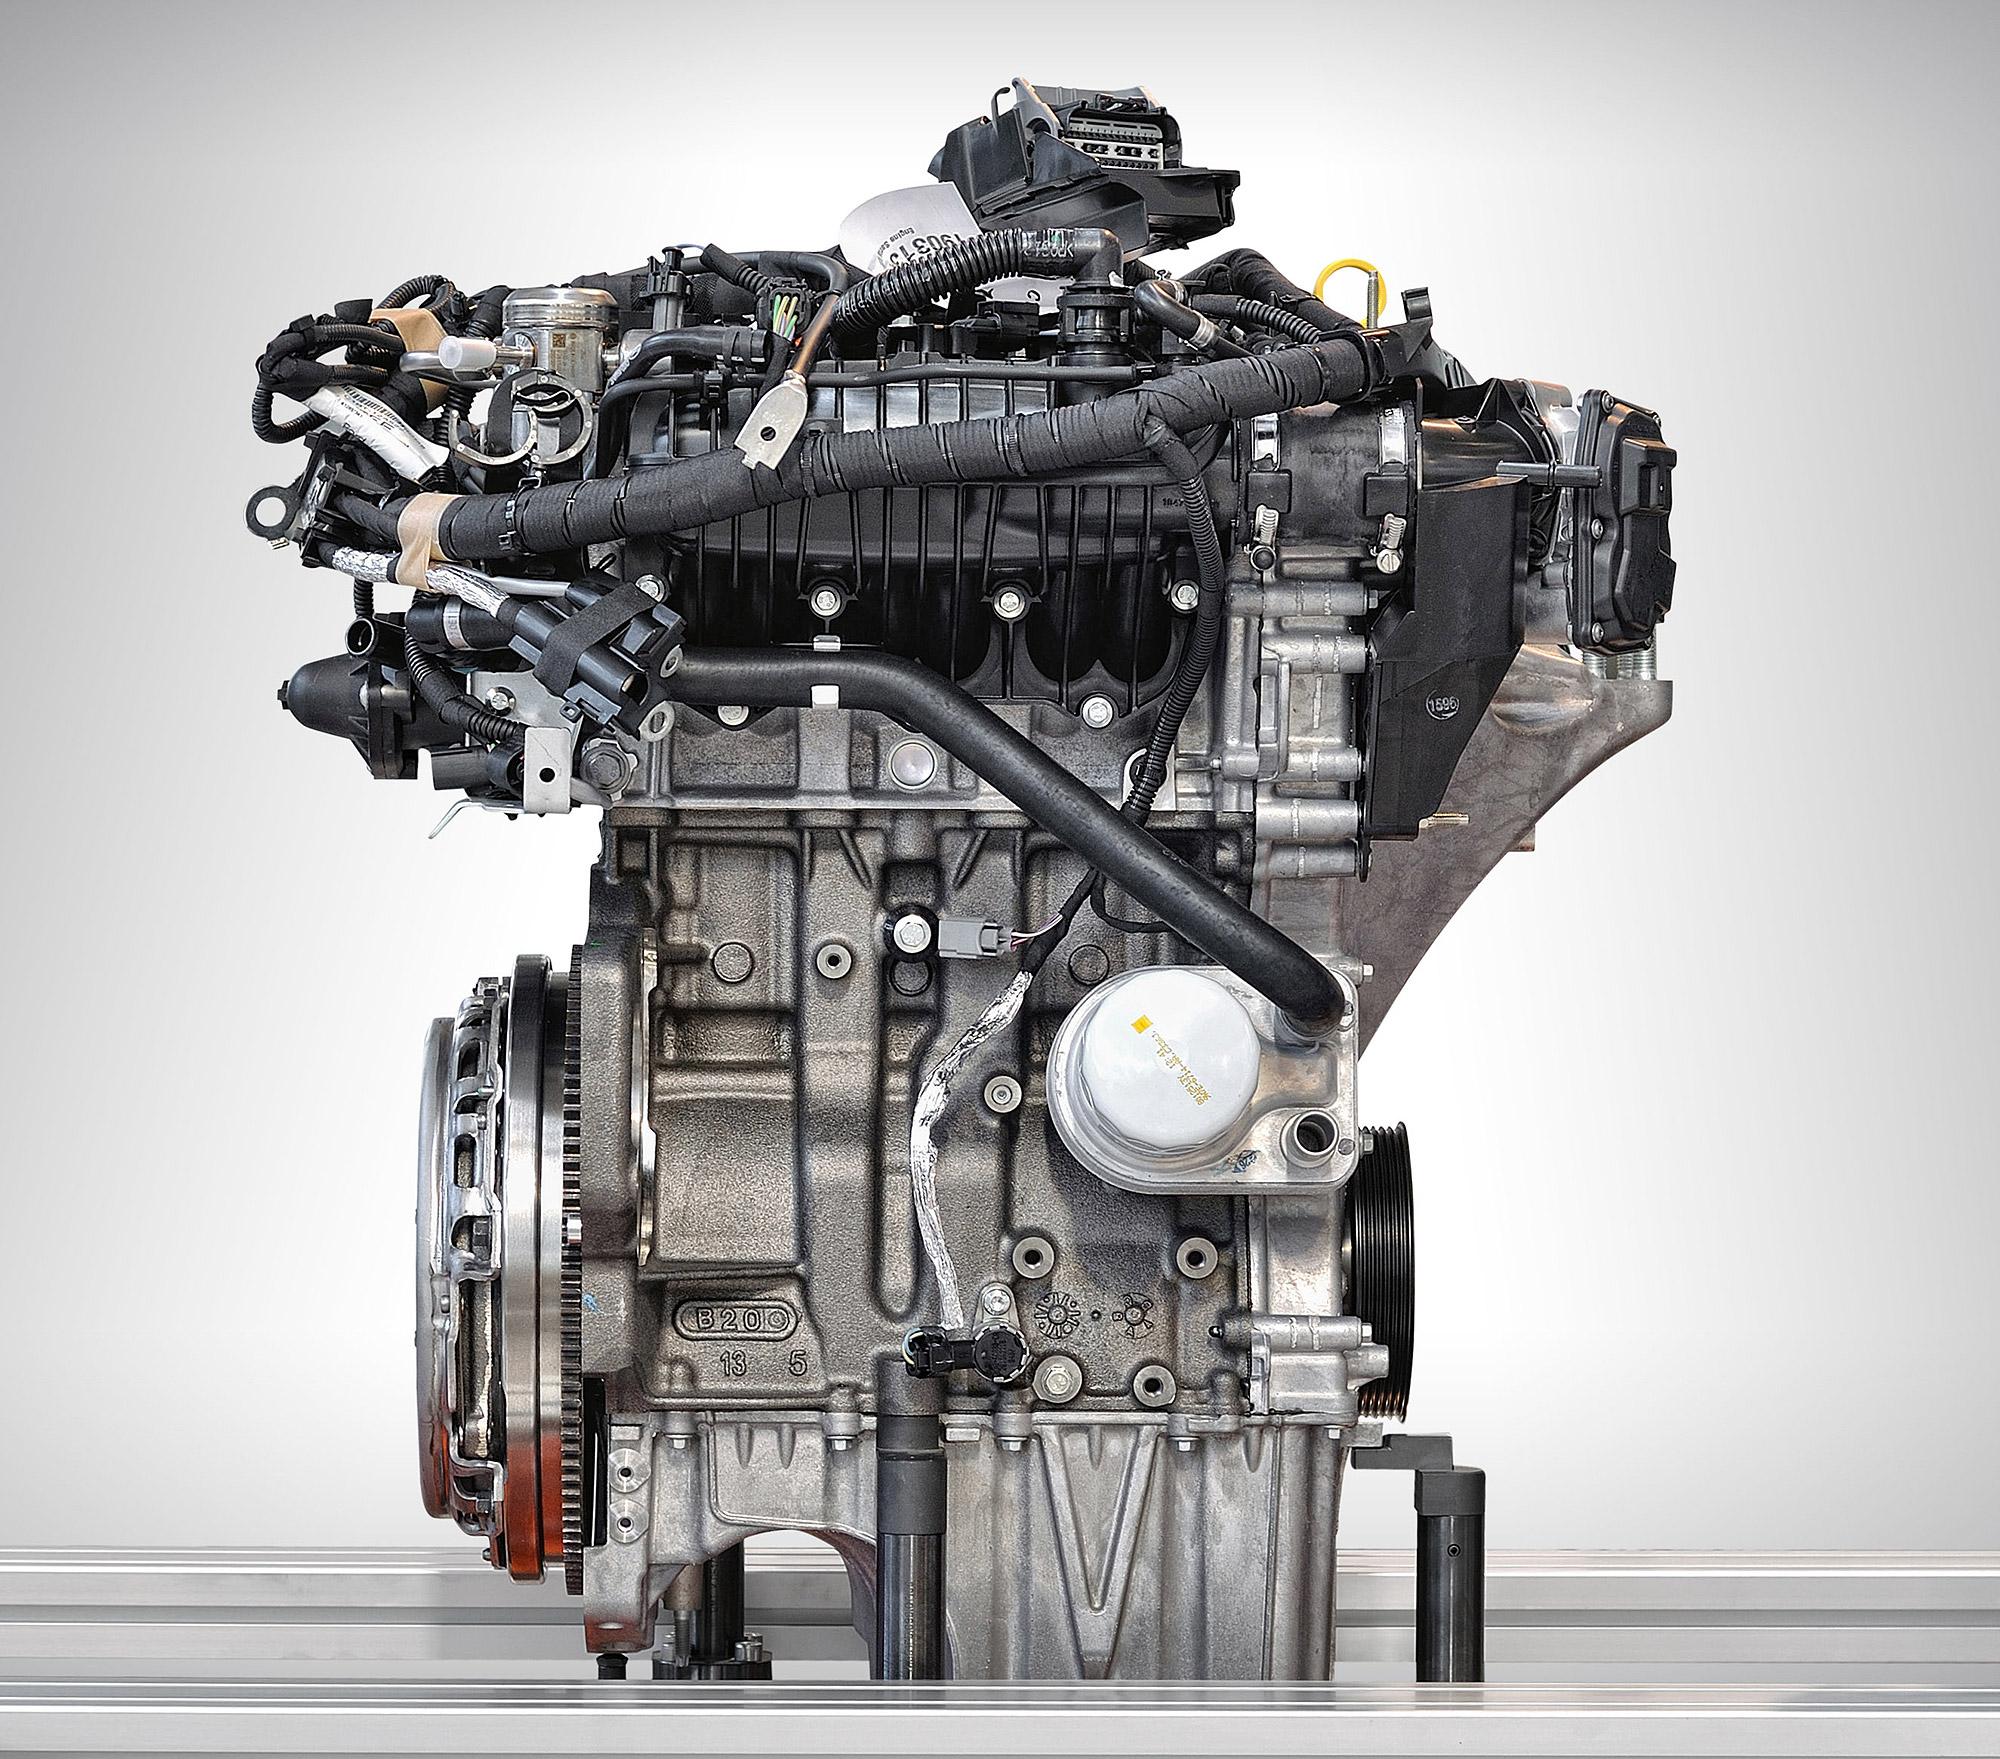 引擎的零件複雜與開發、製造門檻高,造成汽車業的進入門檻相當之高。